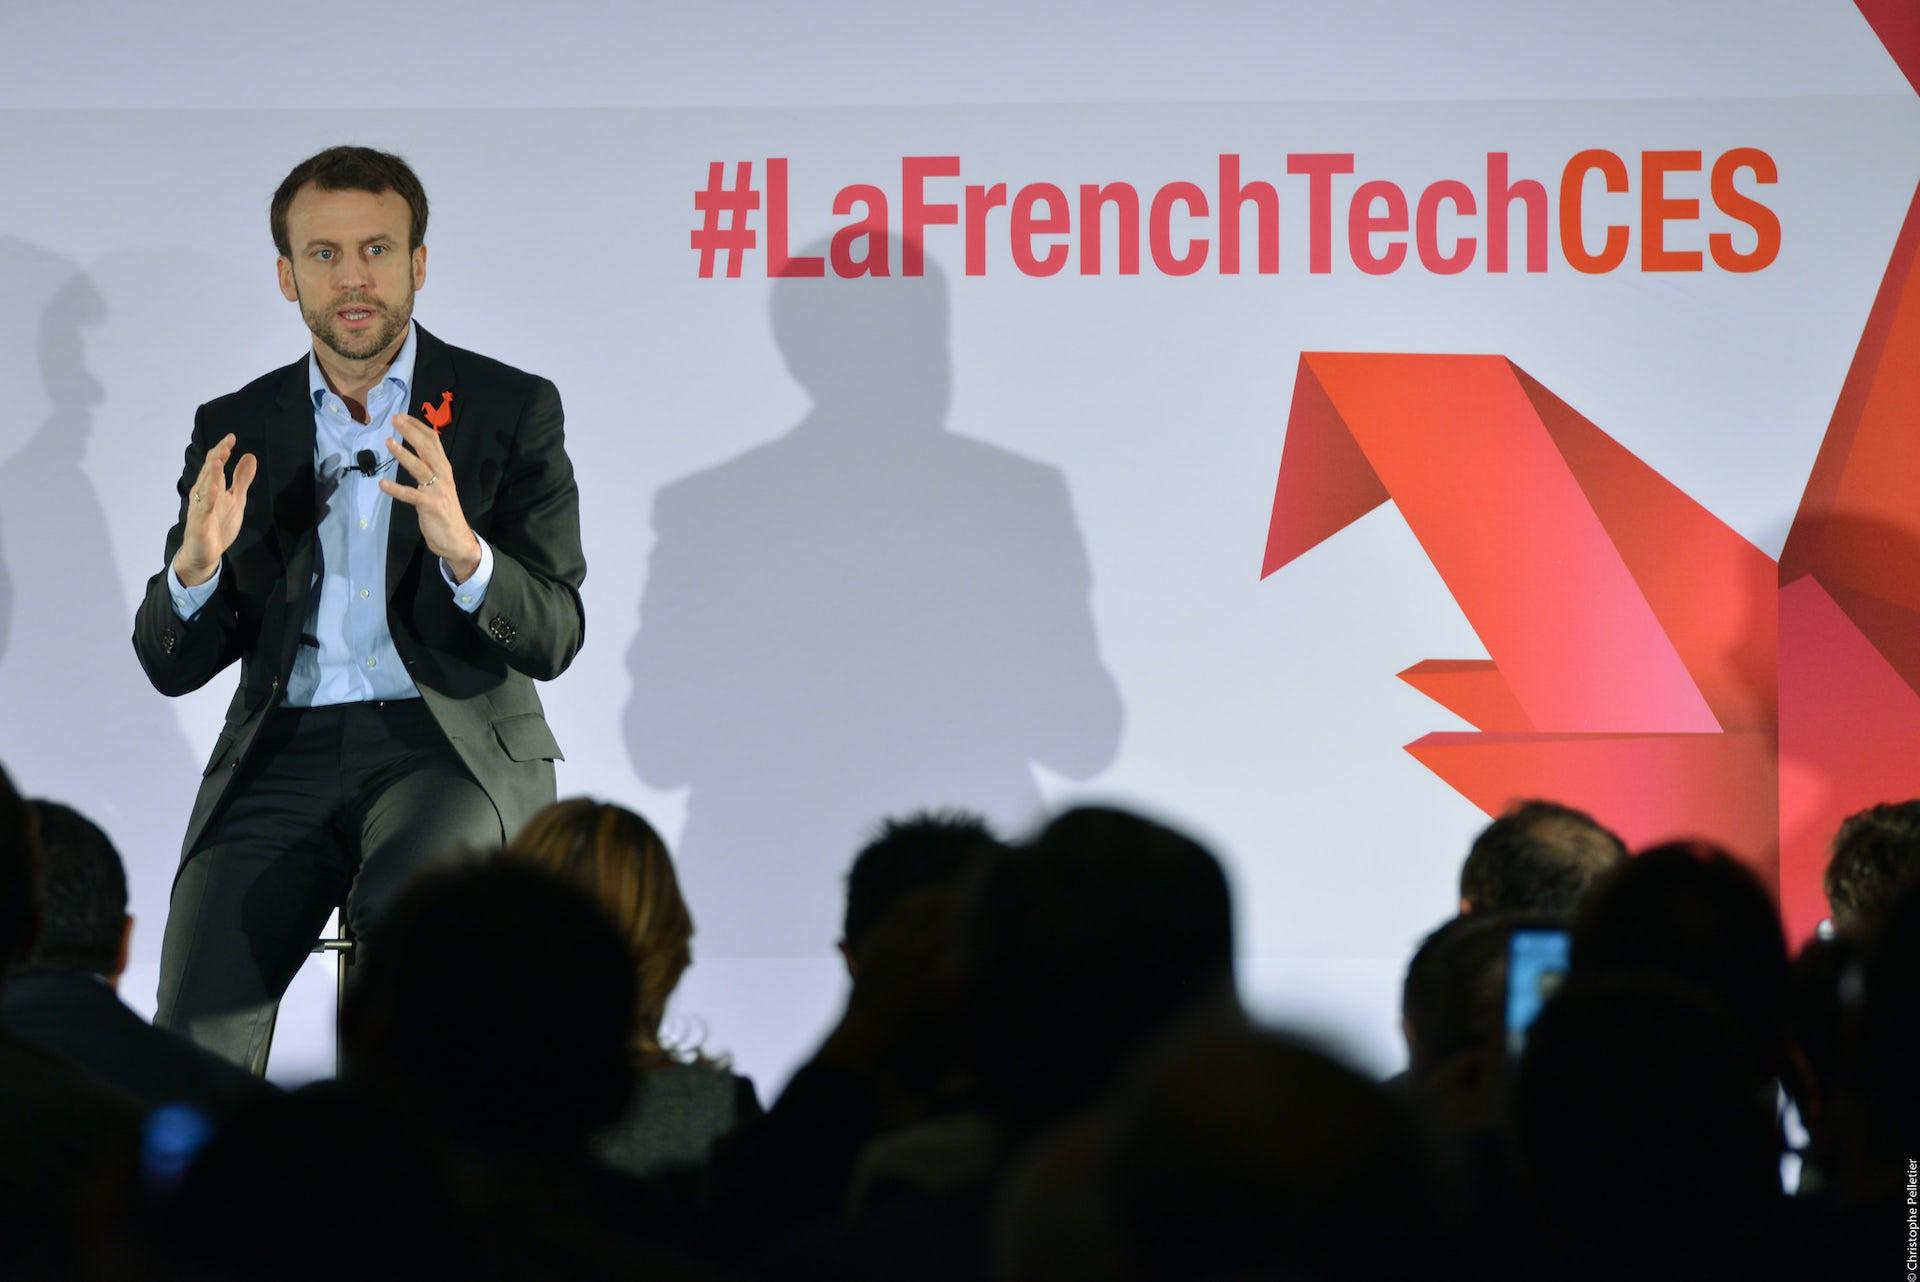 La French Tech, agile mais encore fragile